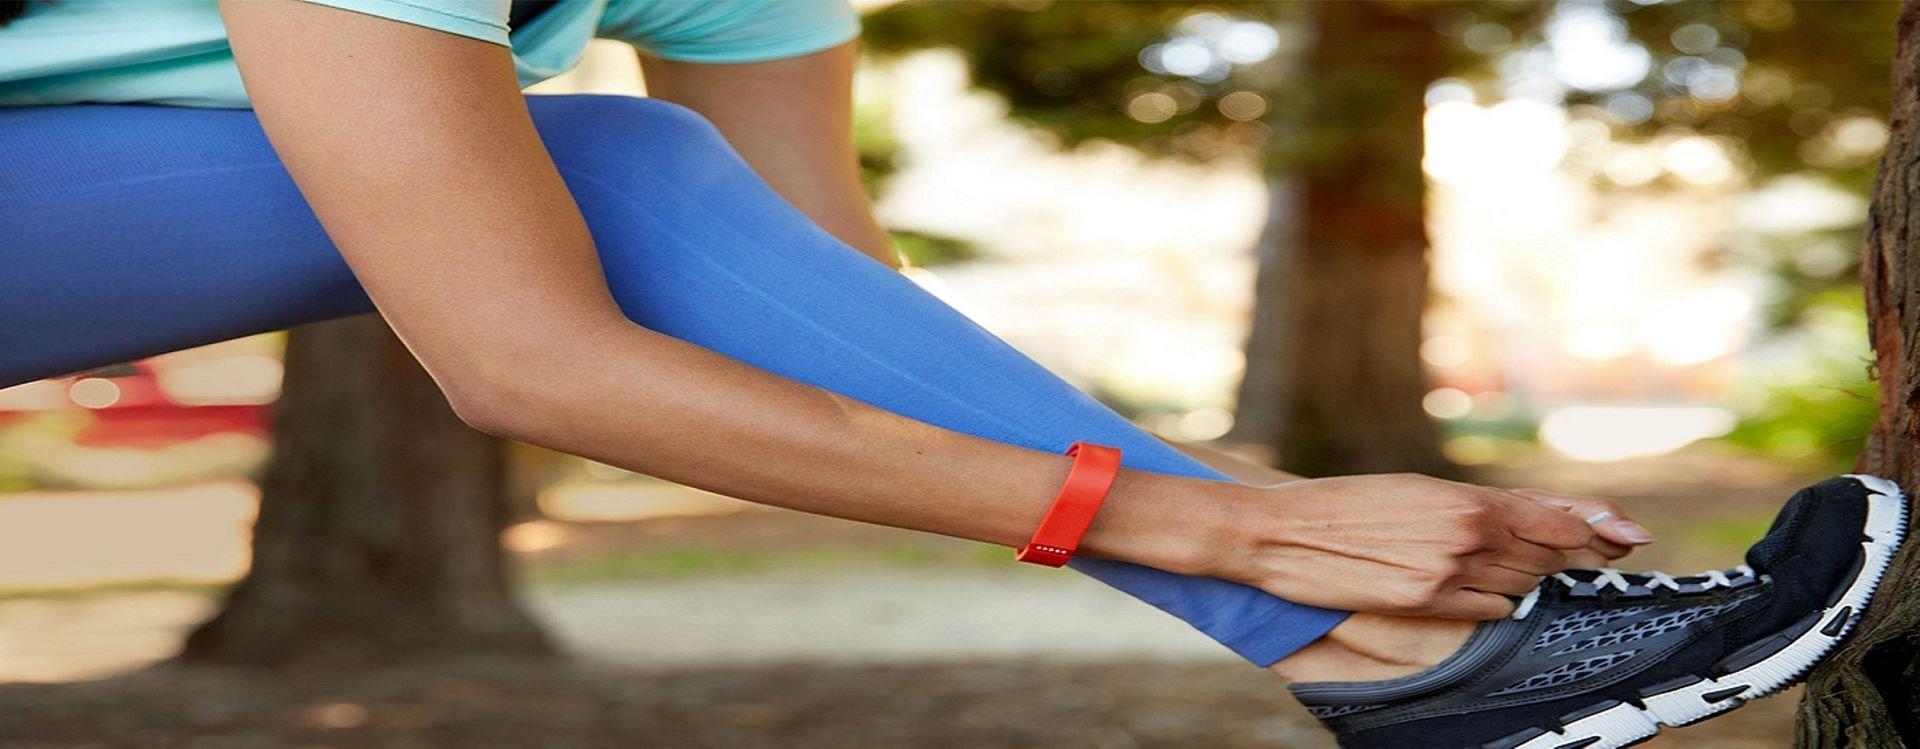 مع كون الرياضة جزءاً مهماً من الحياة الصحية في الوقت الحالي باتت التكنولوجيا جزء منها وصدرت ساعات التتبع الرياضي